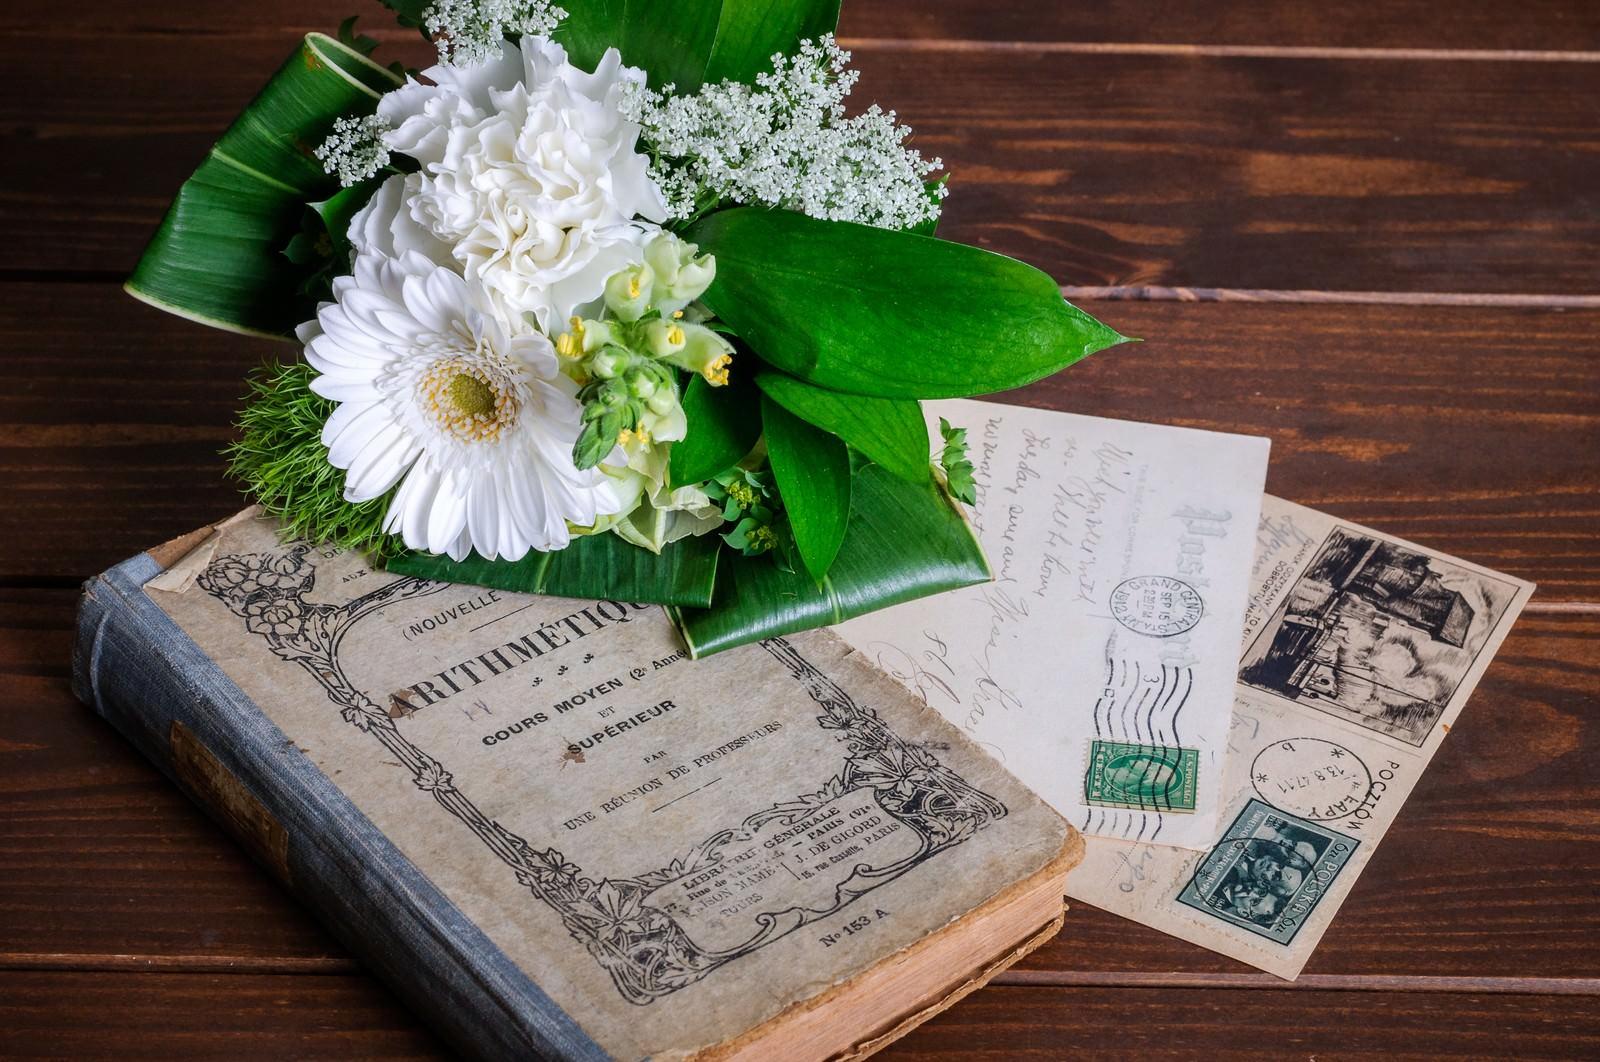 「無造作に置かれた洋書と葉書の上にあるブーケ」の写真